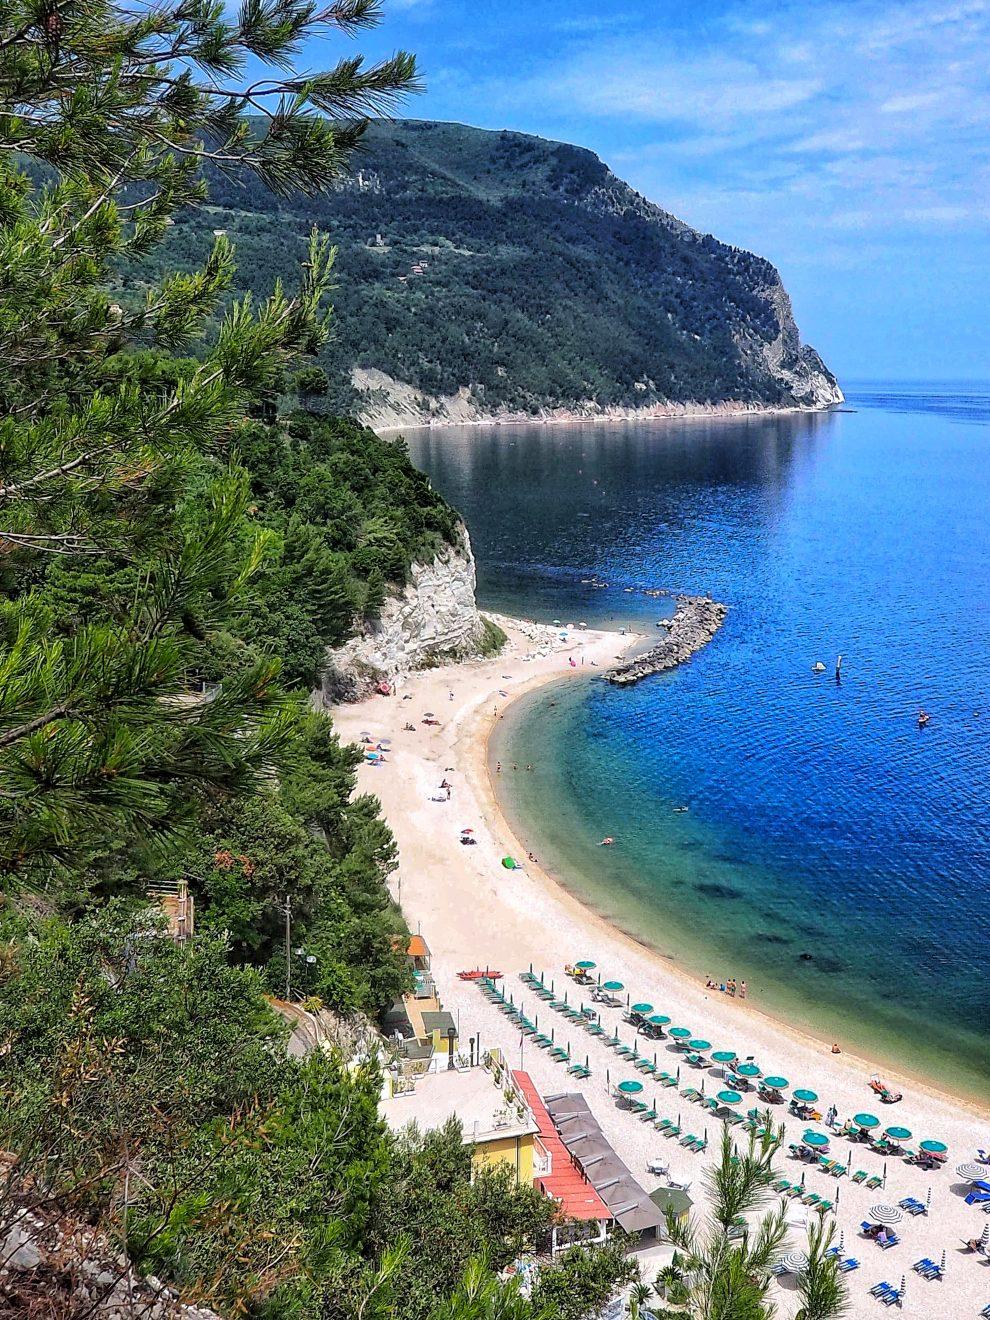 Wat te doen in regio De Marken Italie rondreis door Italie - Spiaggia Urbani- Sirolo